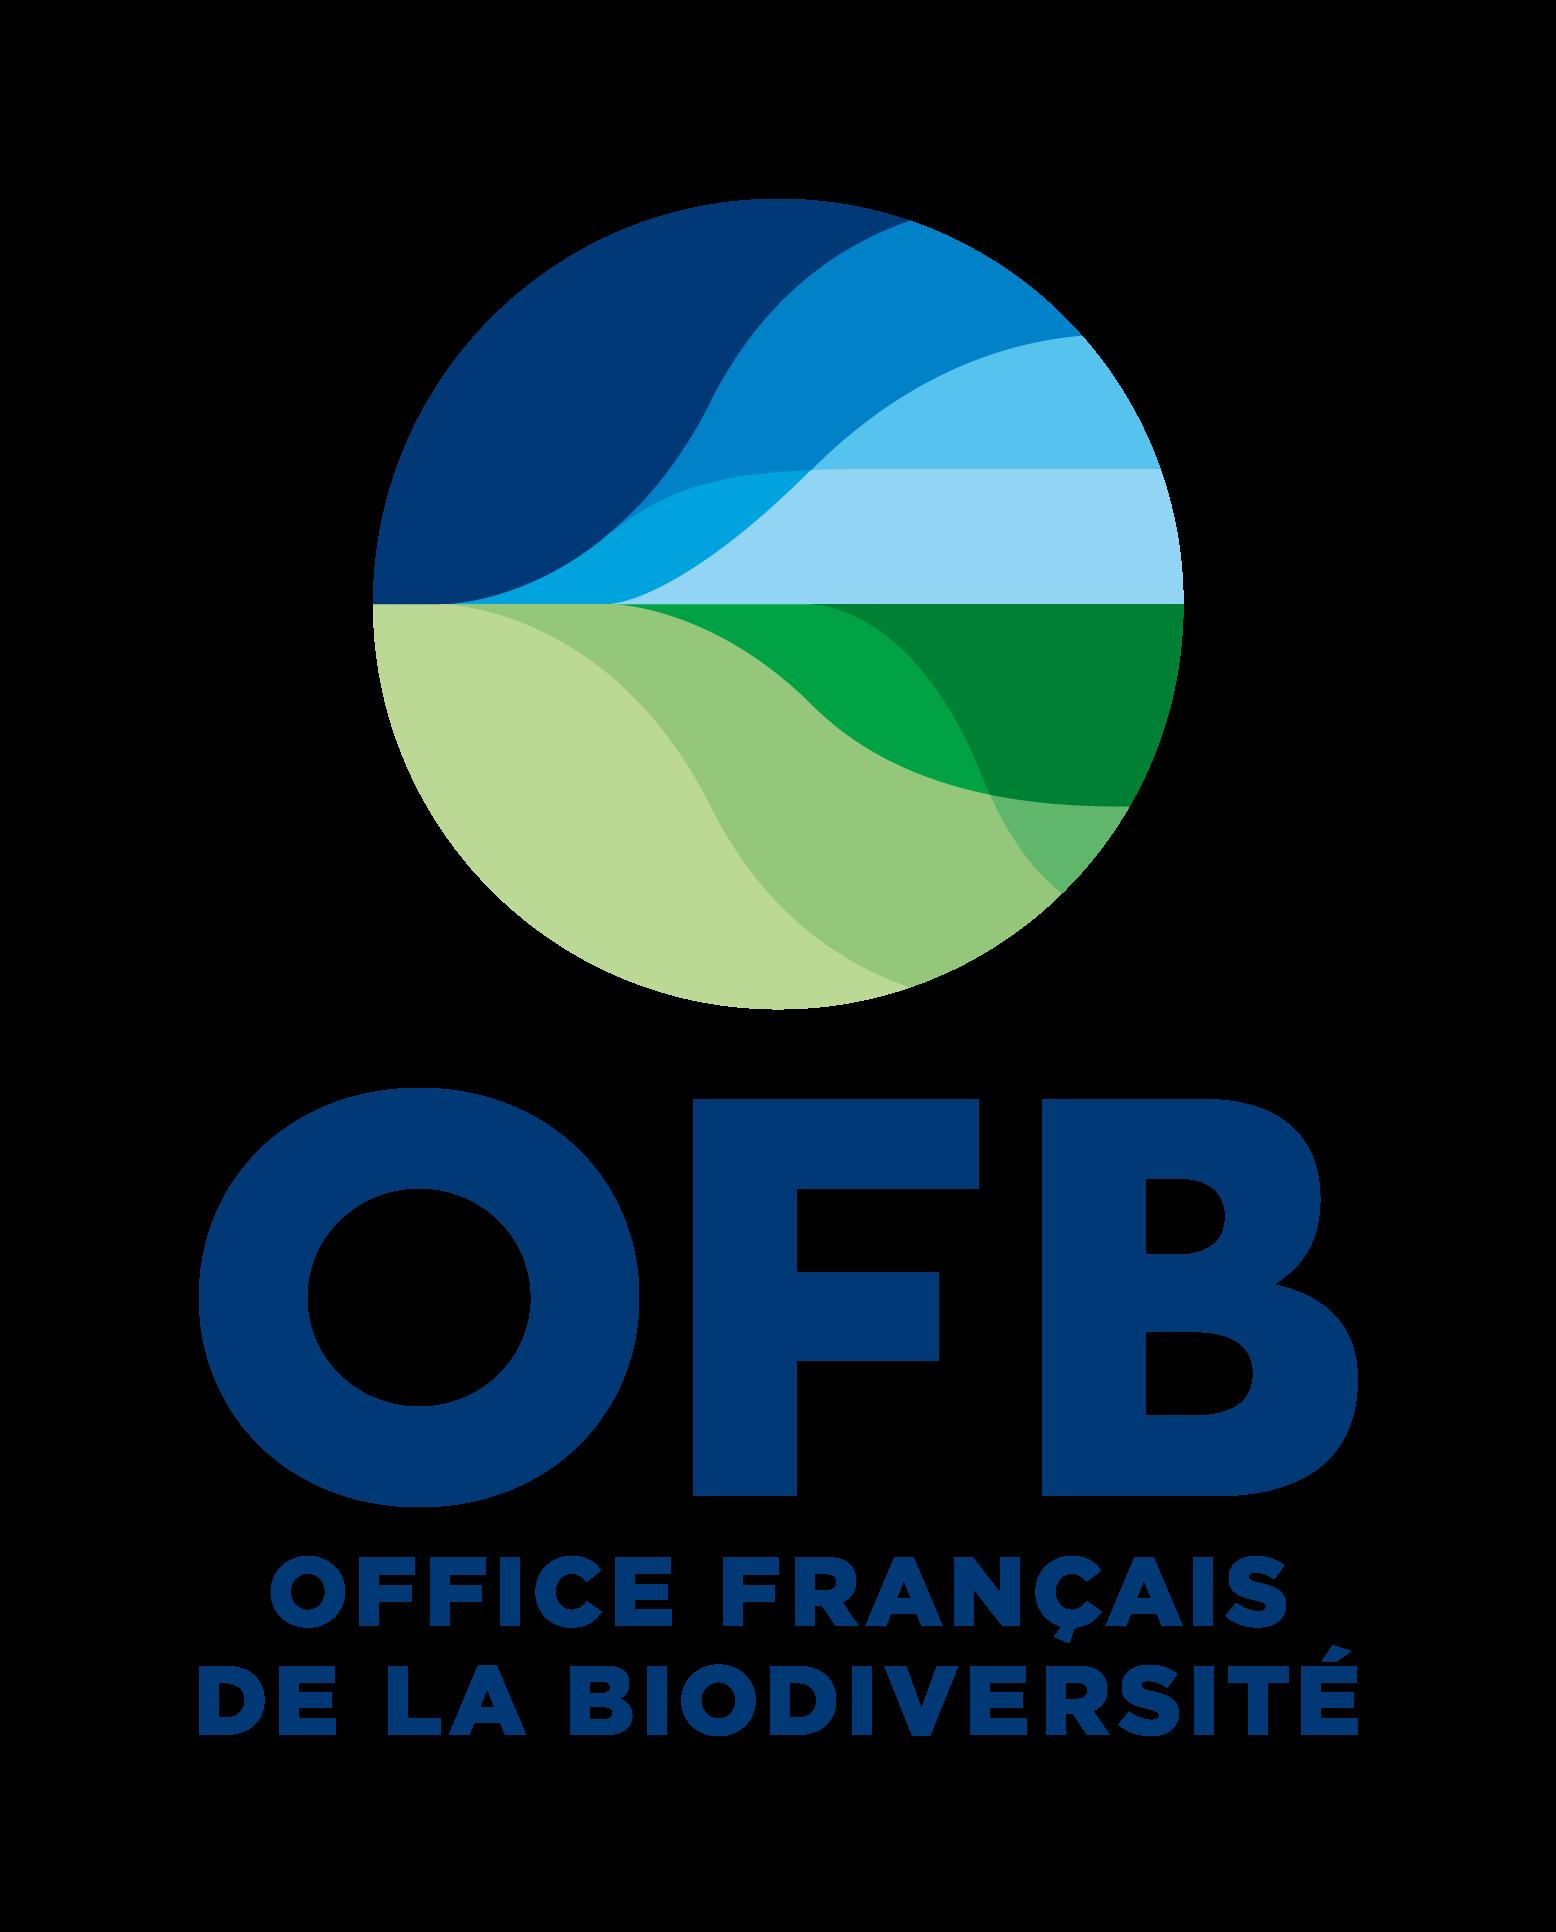 Office Française de la Biodiversité (OFB)